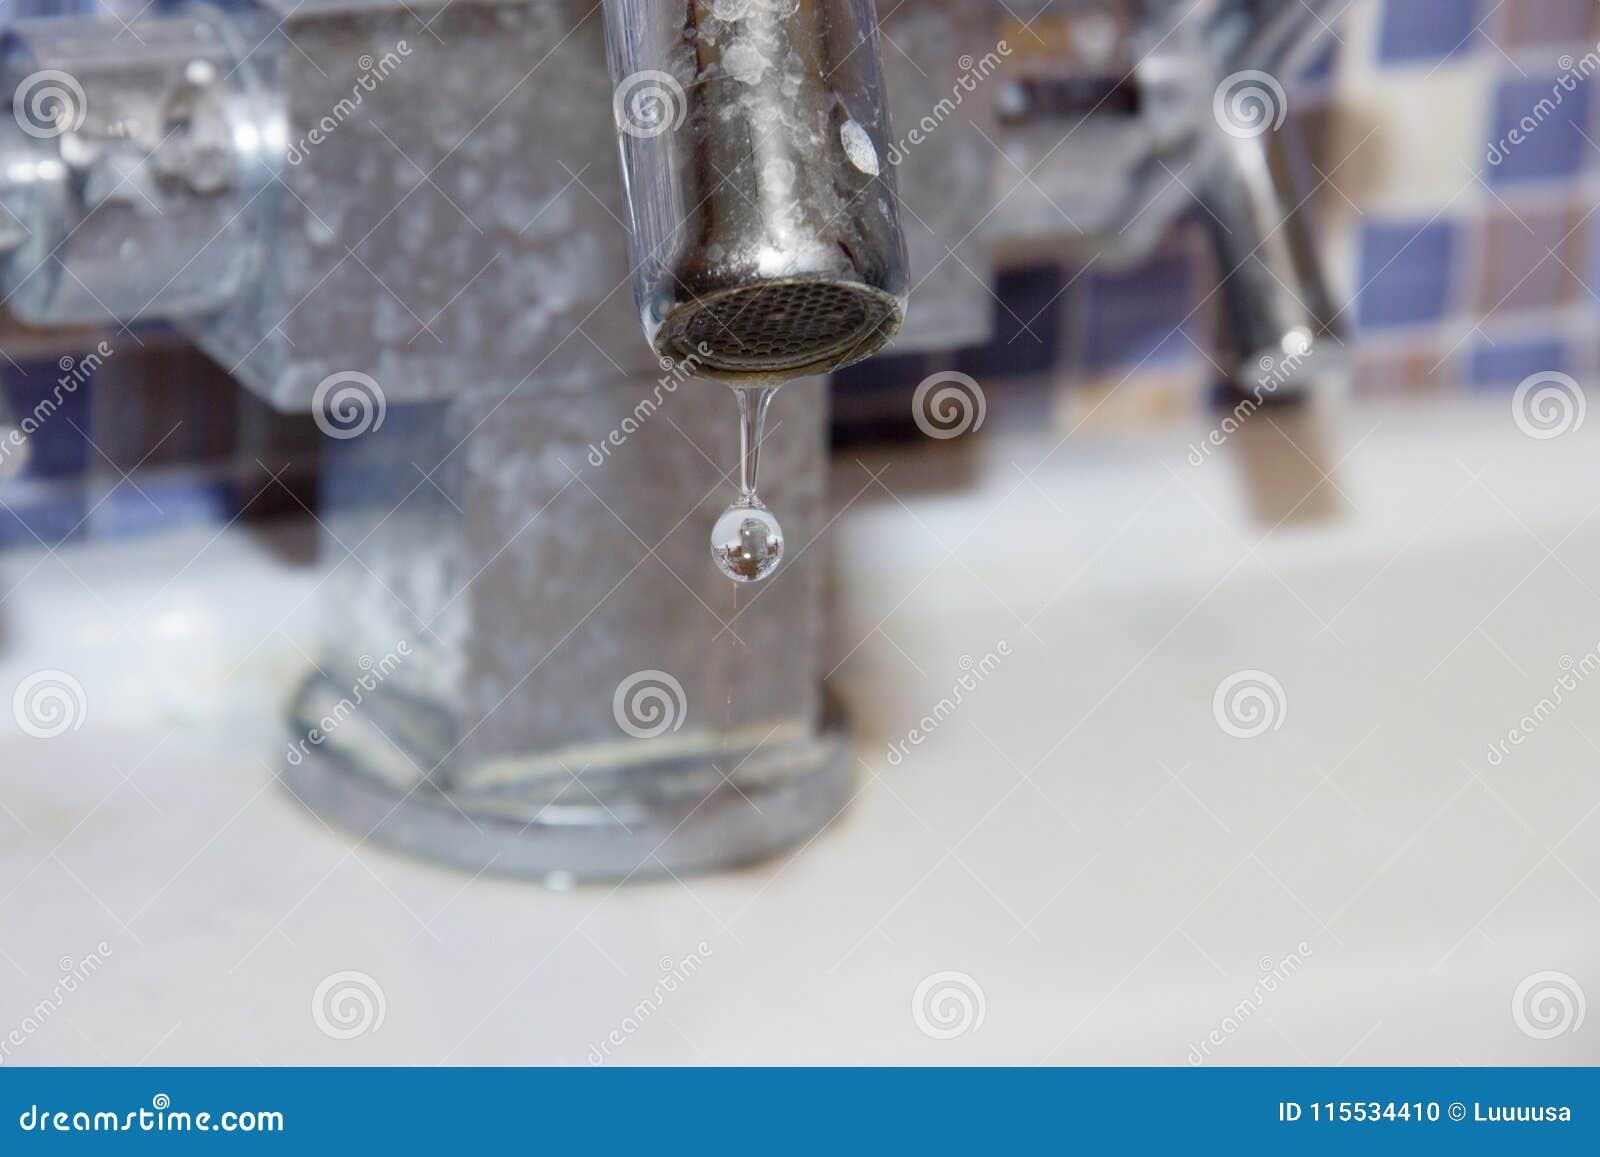 enormi immagini di rubinetti